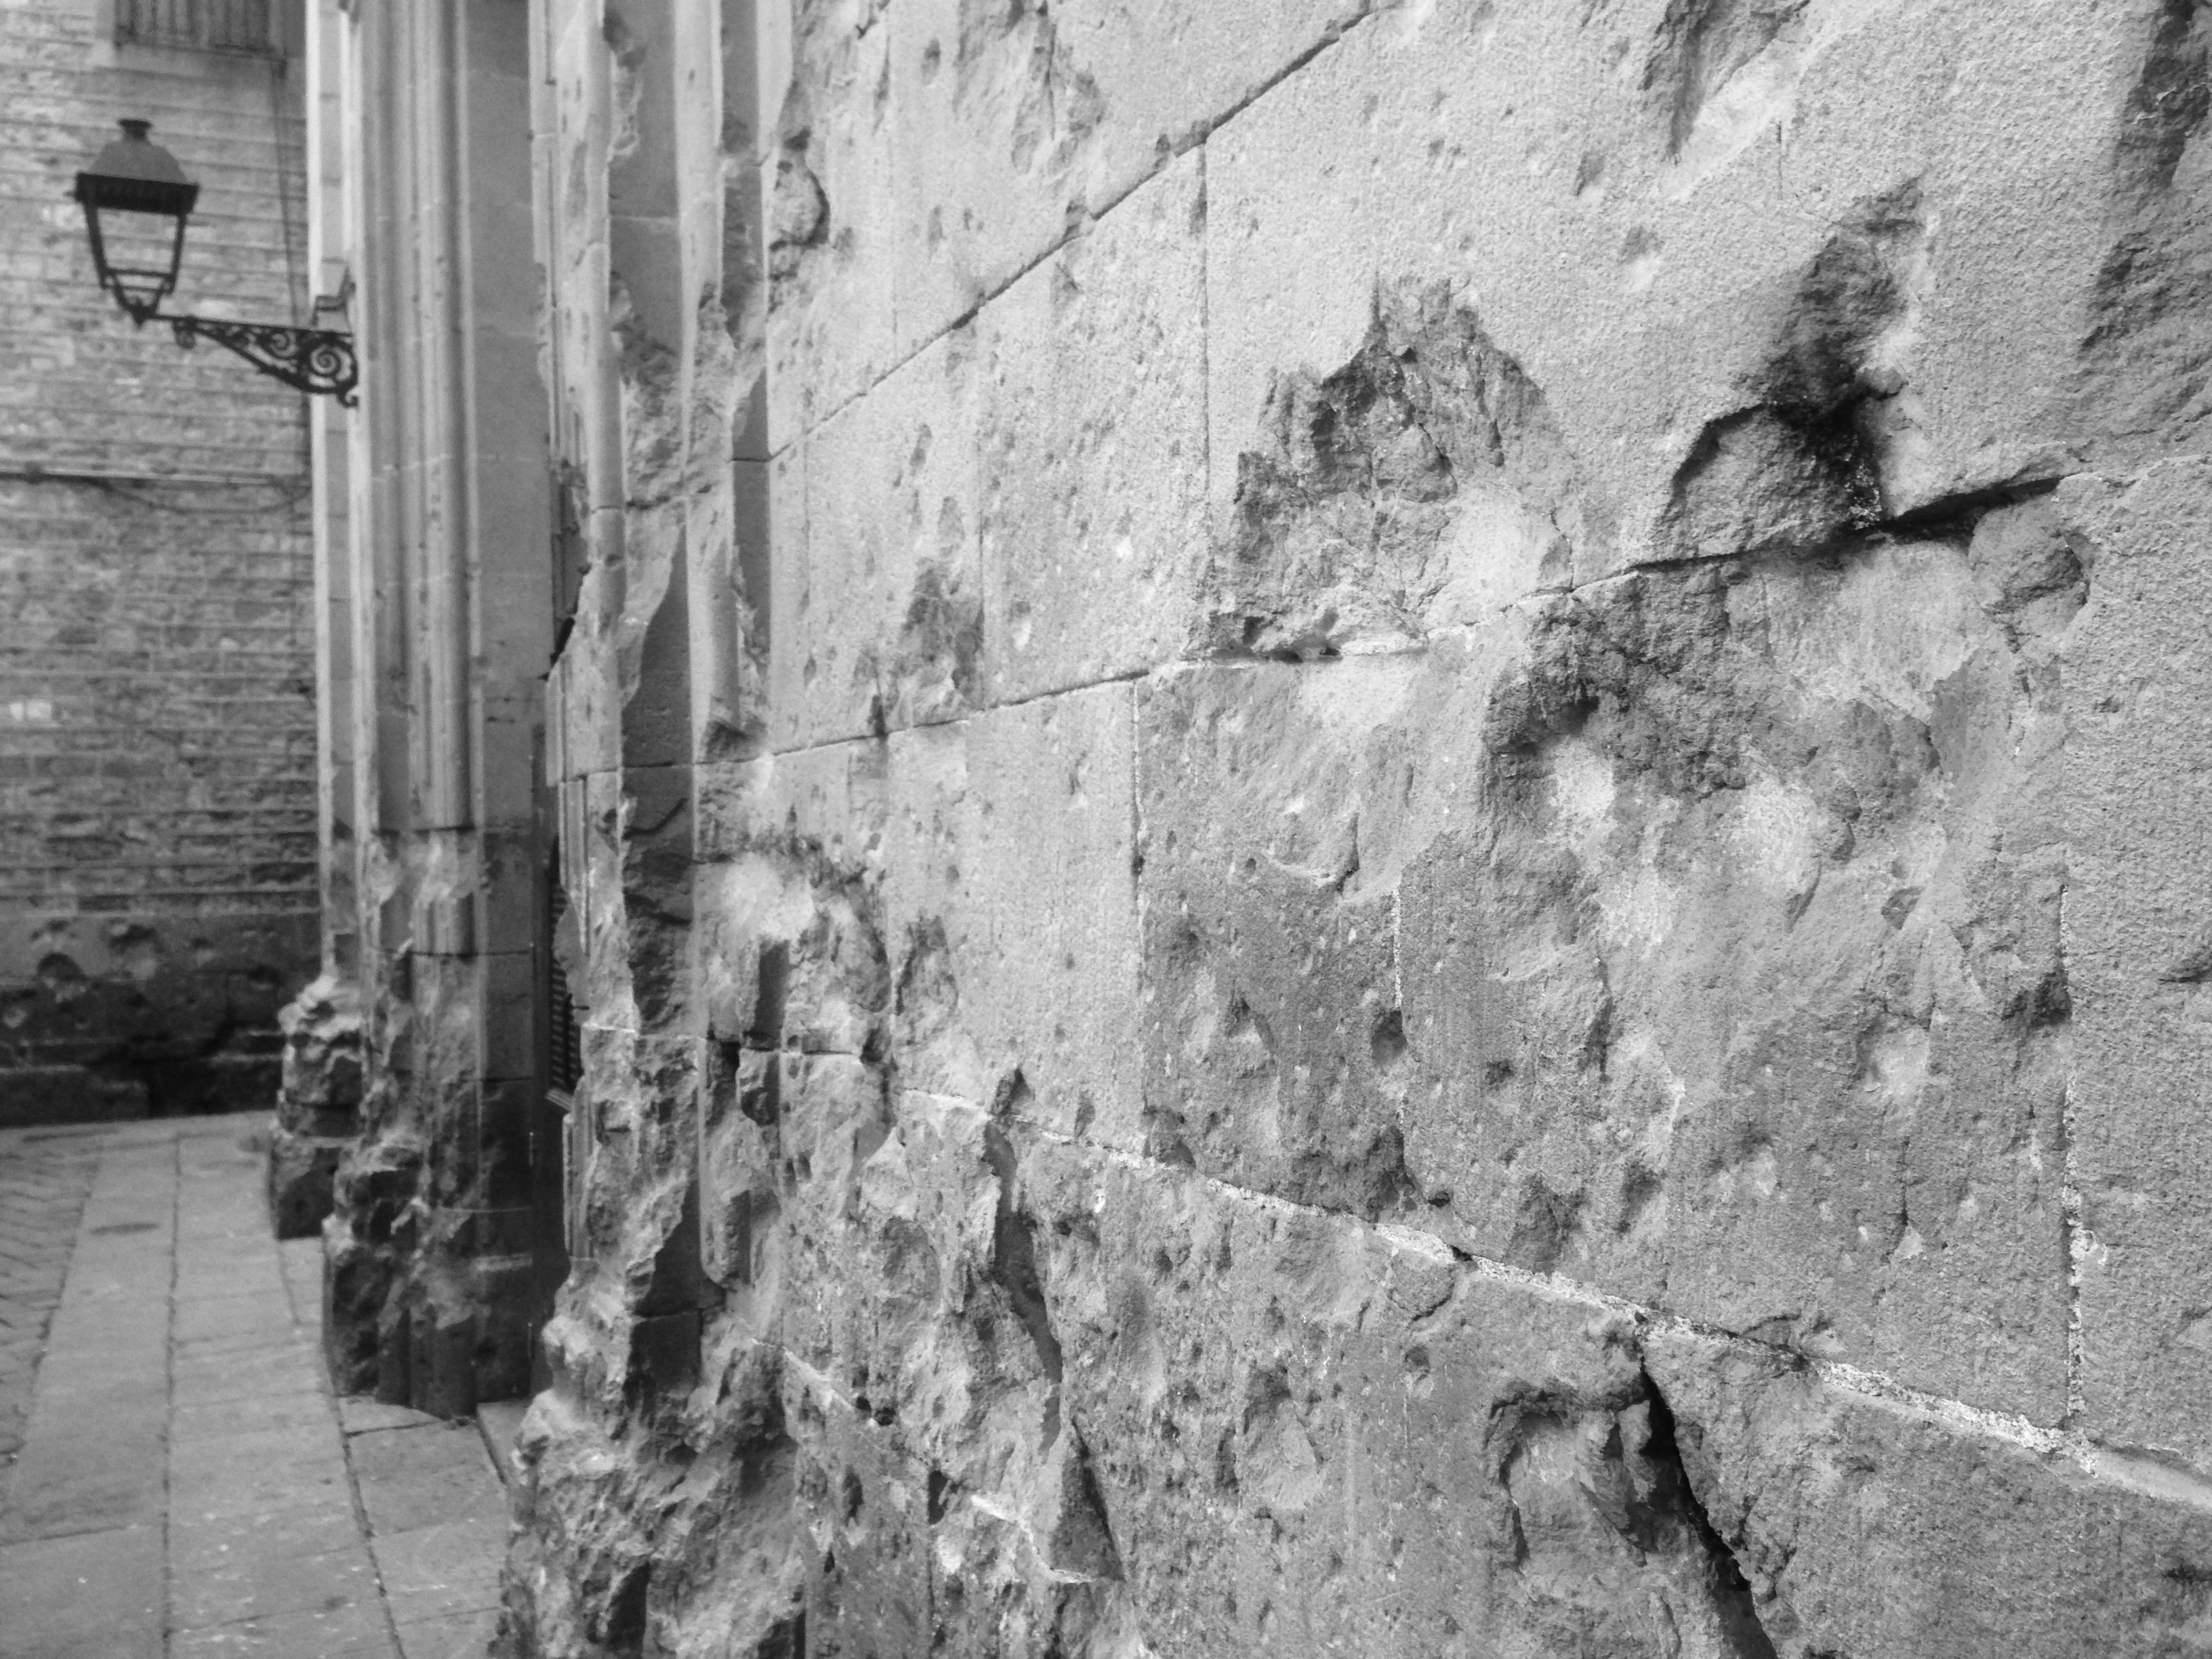 Las 'cicatrices' en la fachada de la iglesia de Sant Felip Neri.